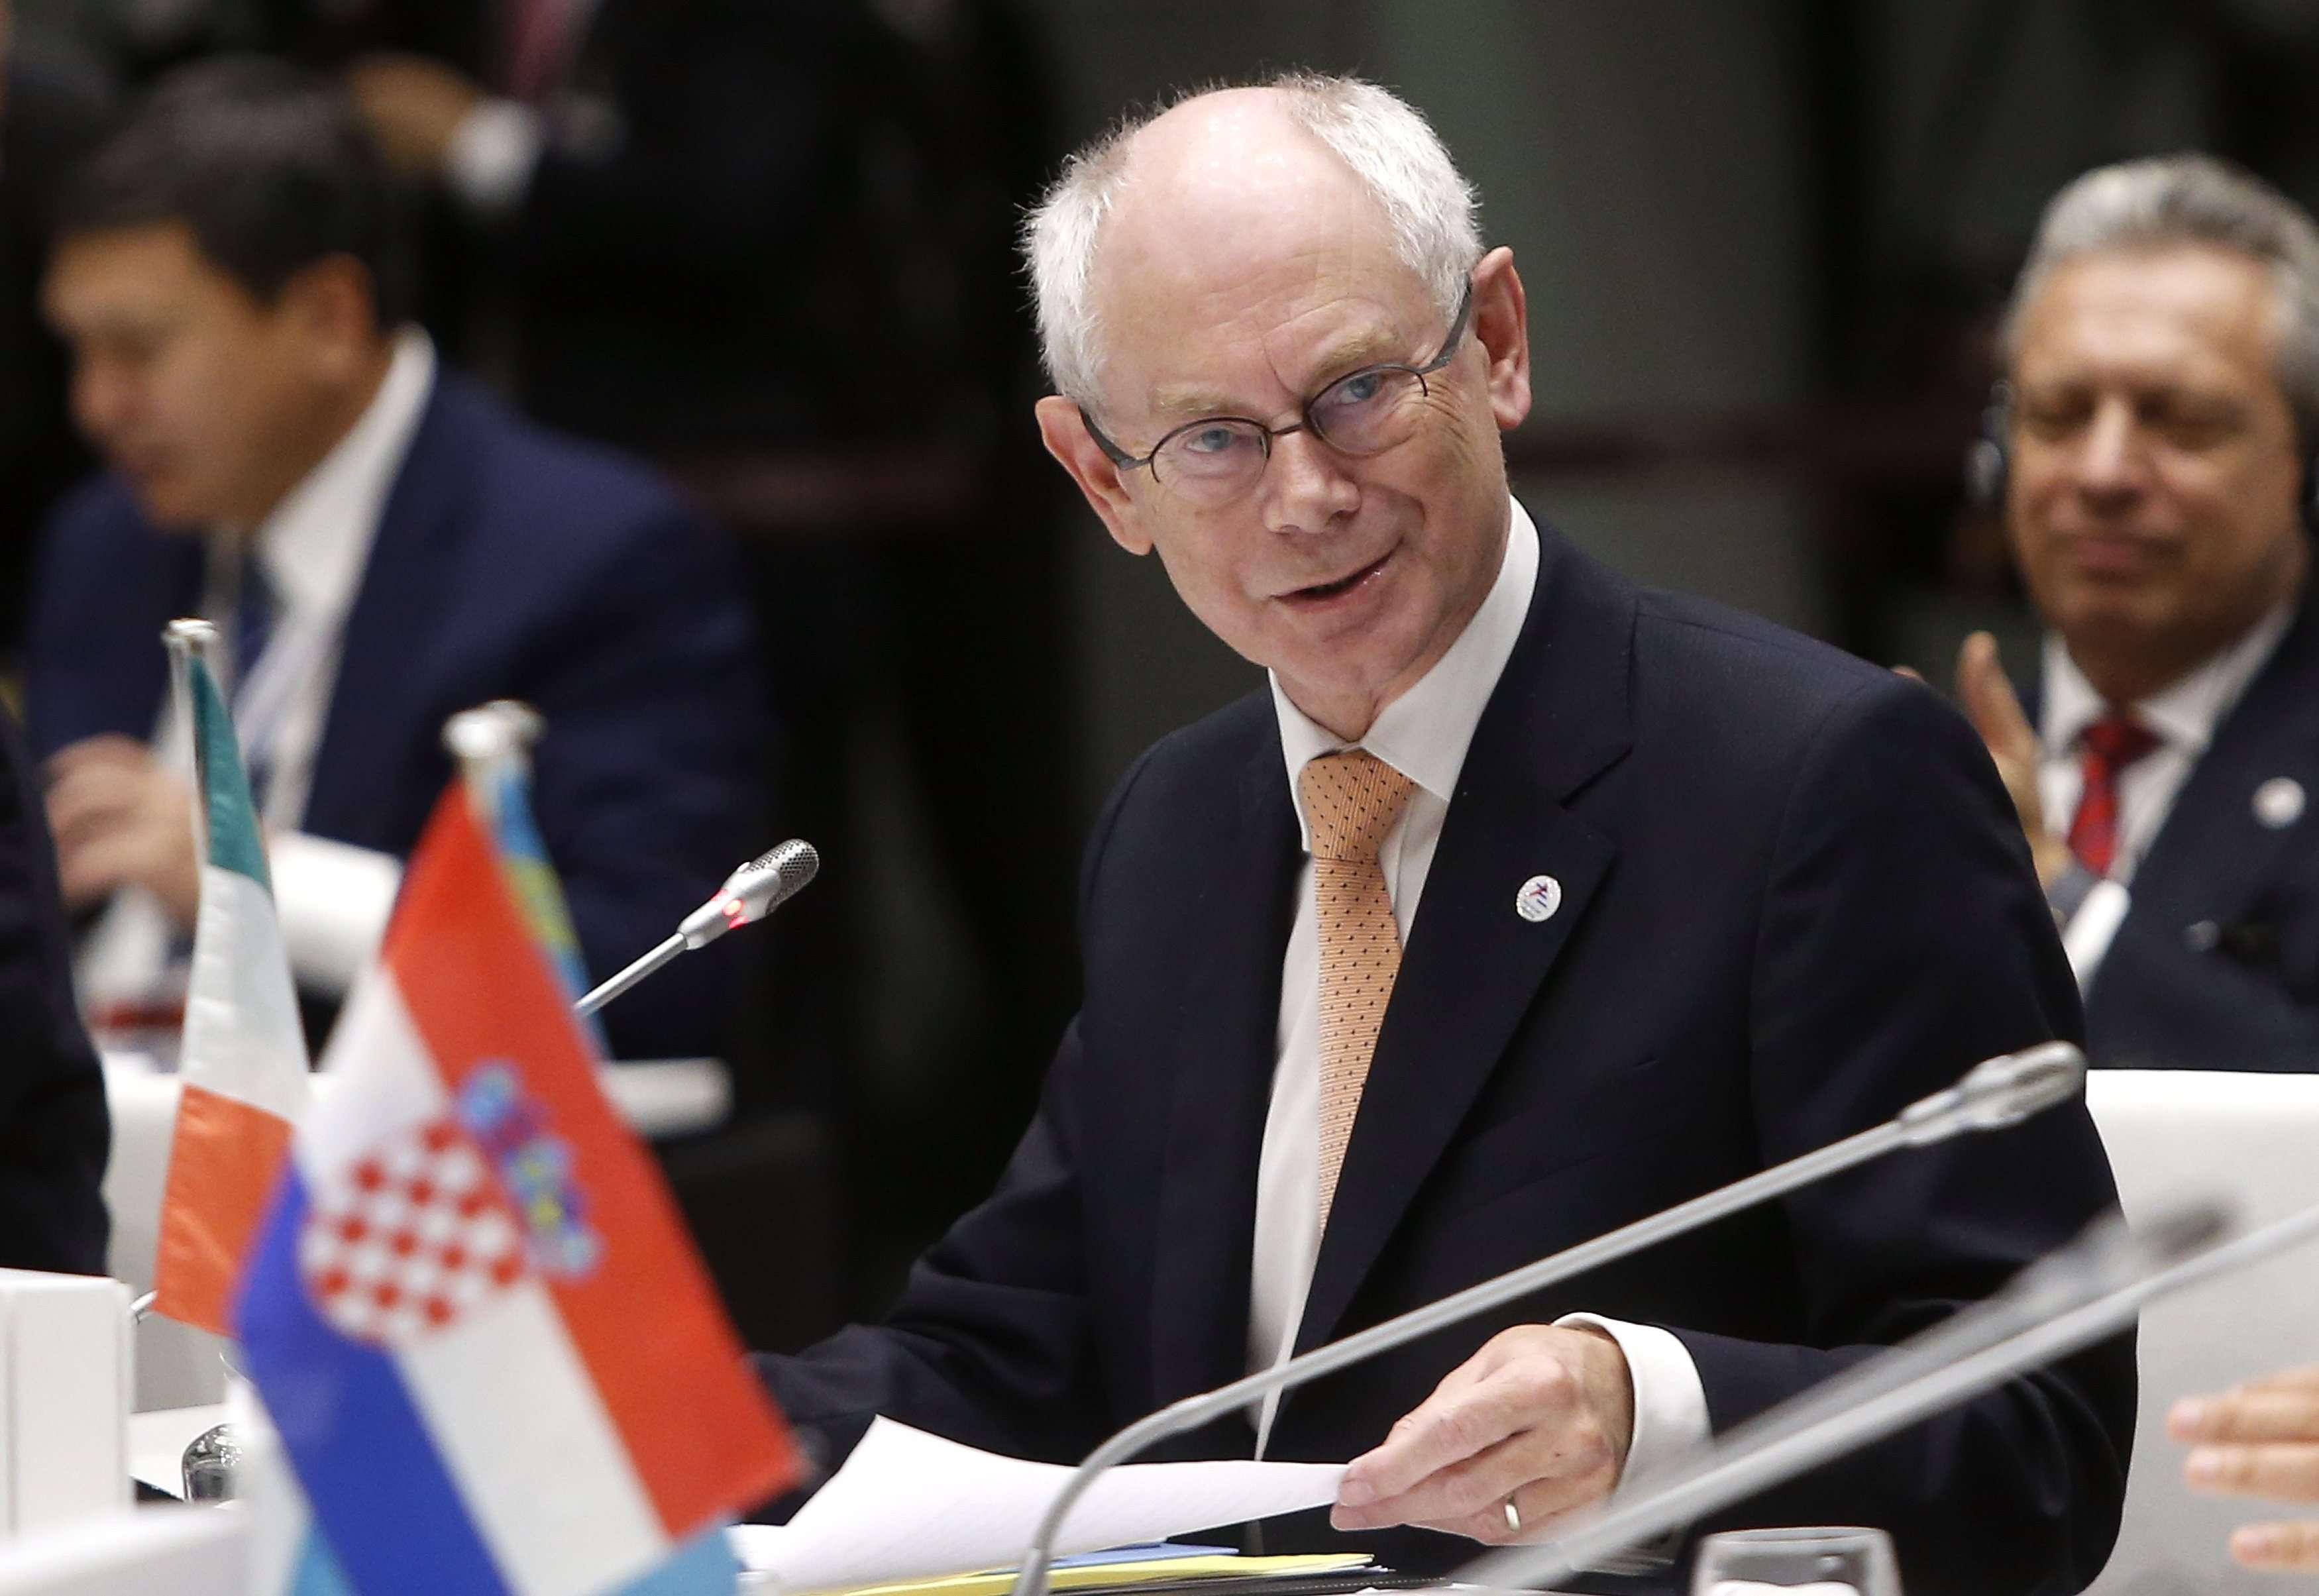 Herman Van Rompuy anunciou, em sua conta do Twitter, a contribuição de R$ 3,2 bi contra ebola Foto: Alessandro Garofalo/Reuters